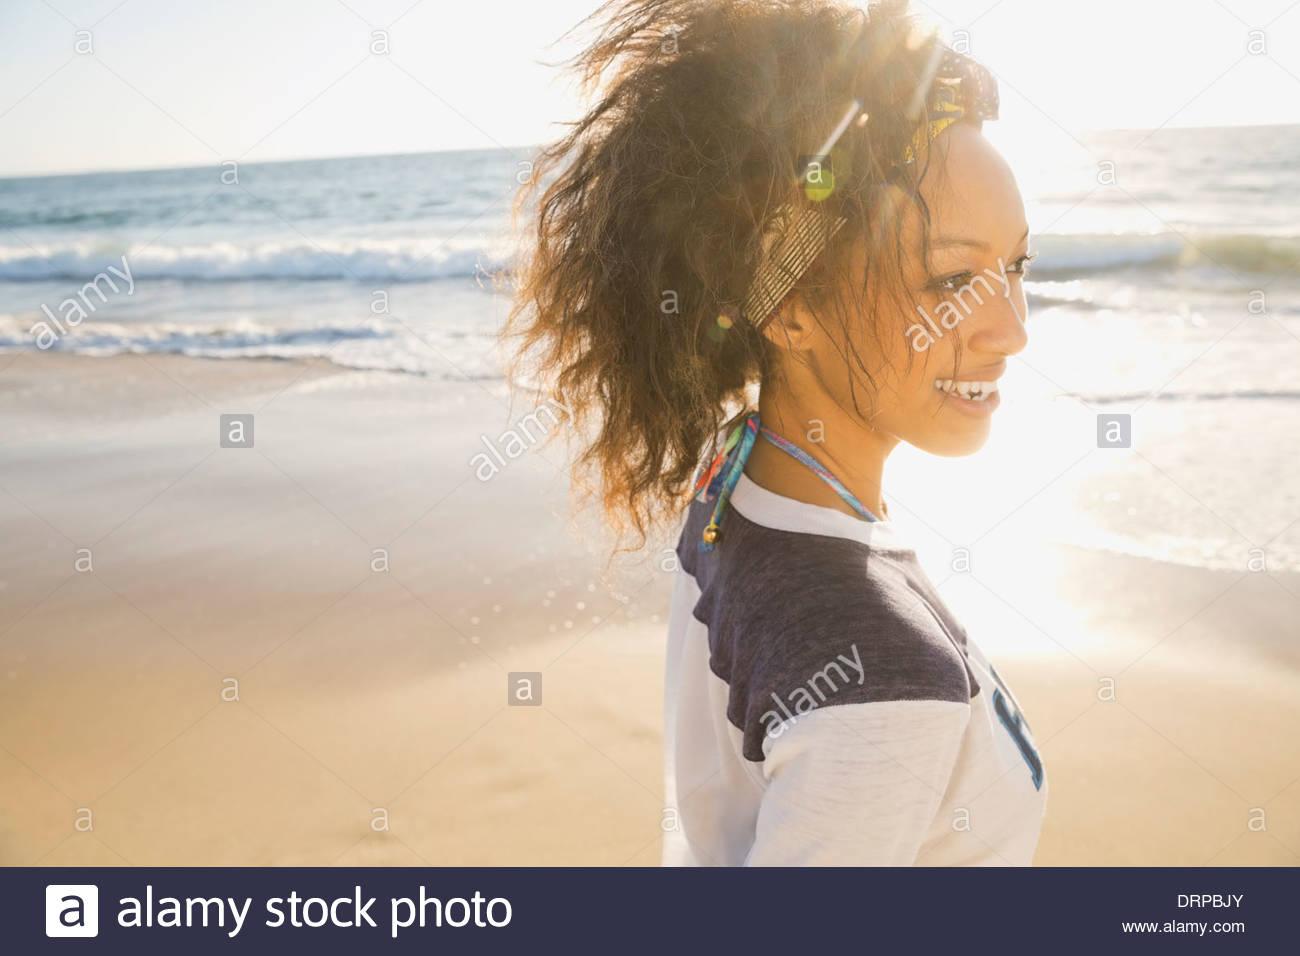 Les dépenses de loisirs femme at beach Photo Stock